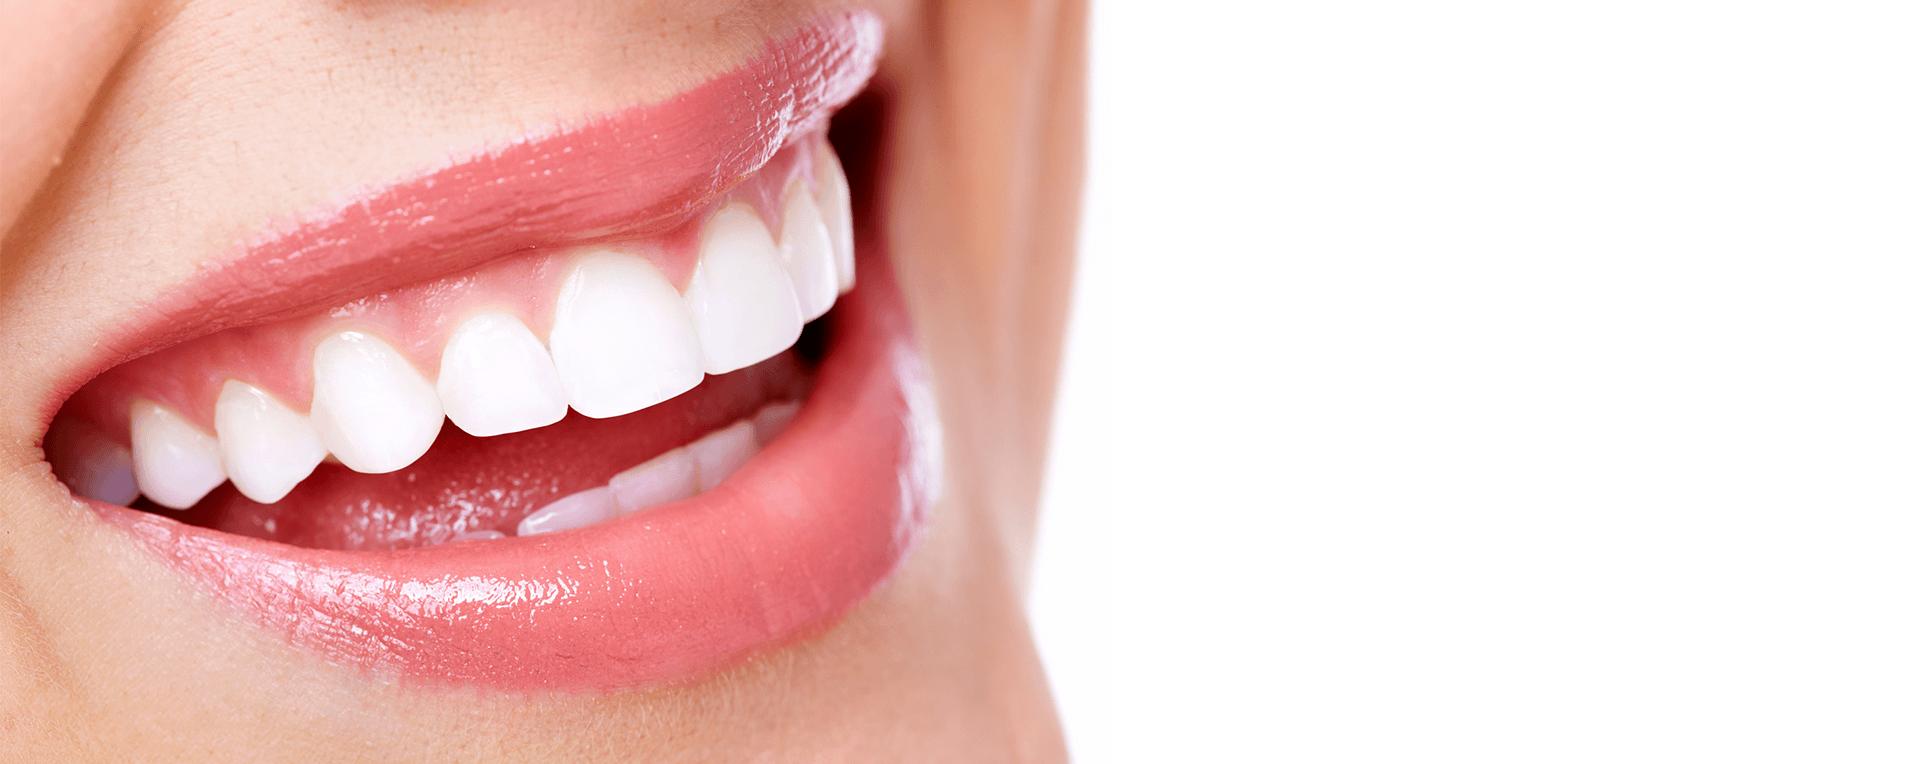 Teeth Smile PNG HD - 148048